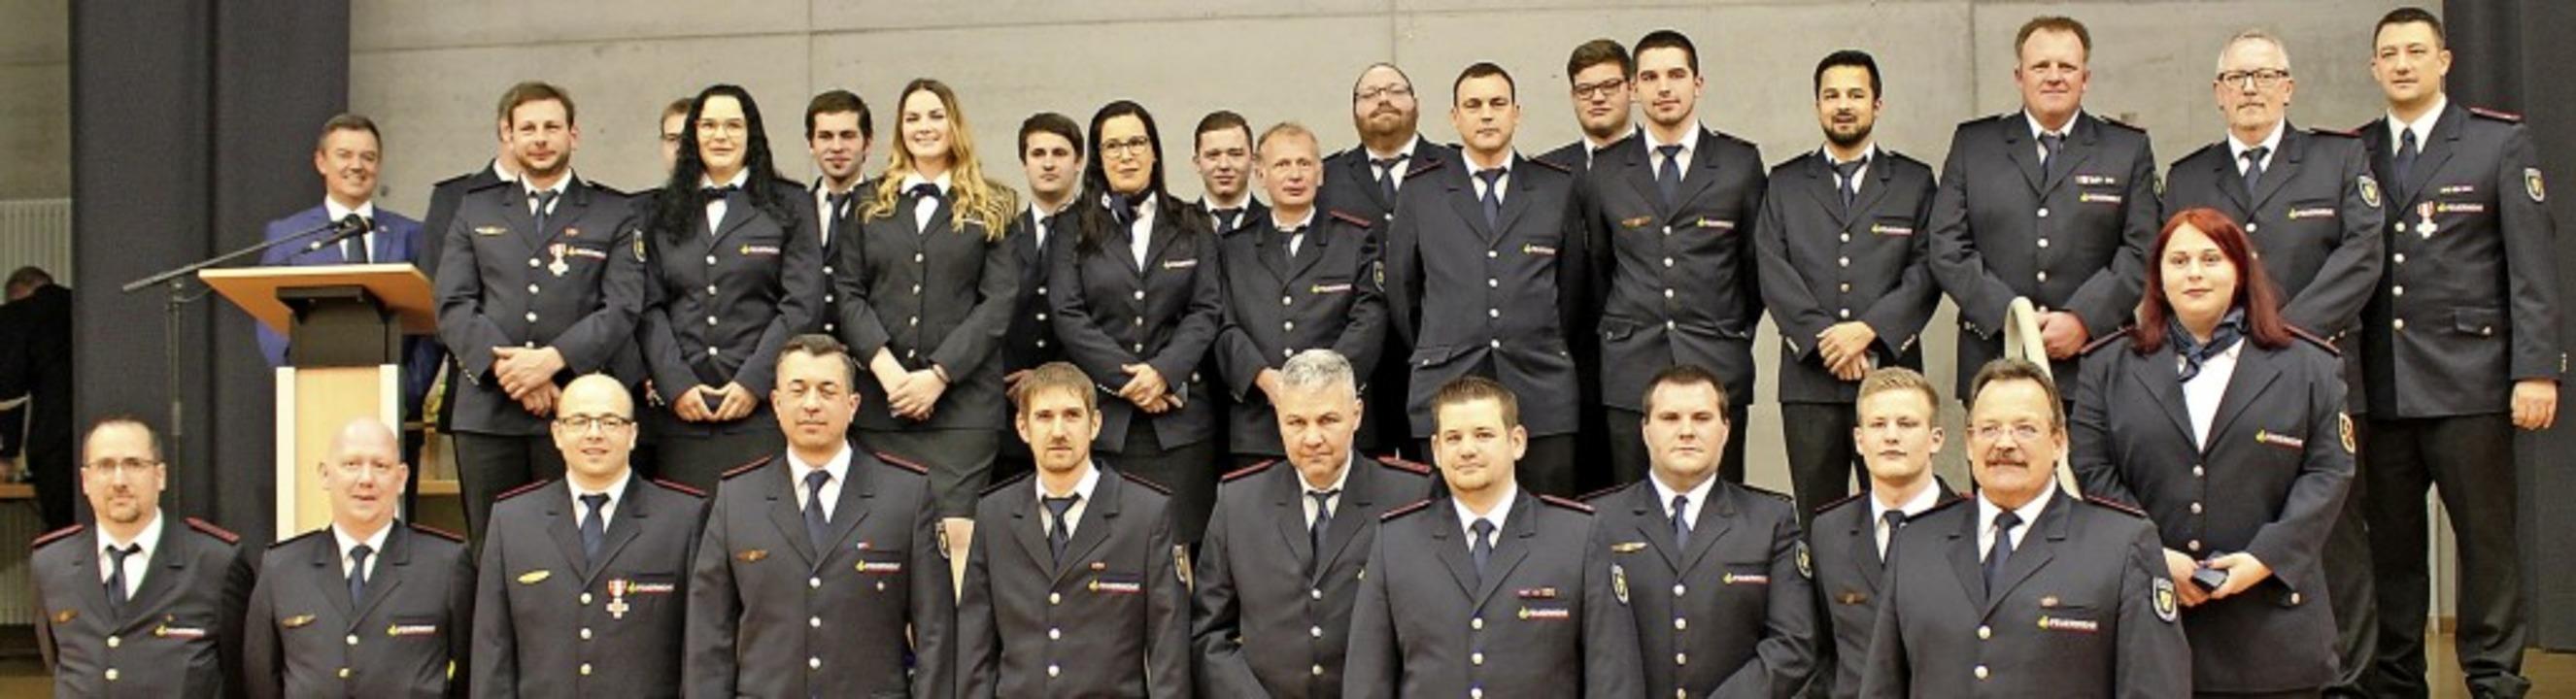 Freiwillige  Feuerwehr Bad Krozingen: ...re Verdienste geehrt oder befördert.      Foto: Stadt Bad Krozingen/Daniela Sandmann